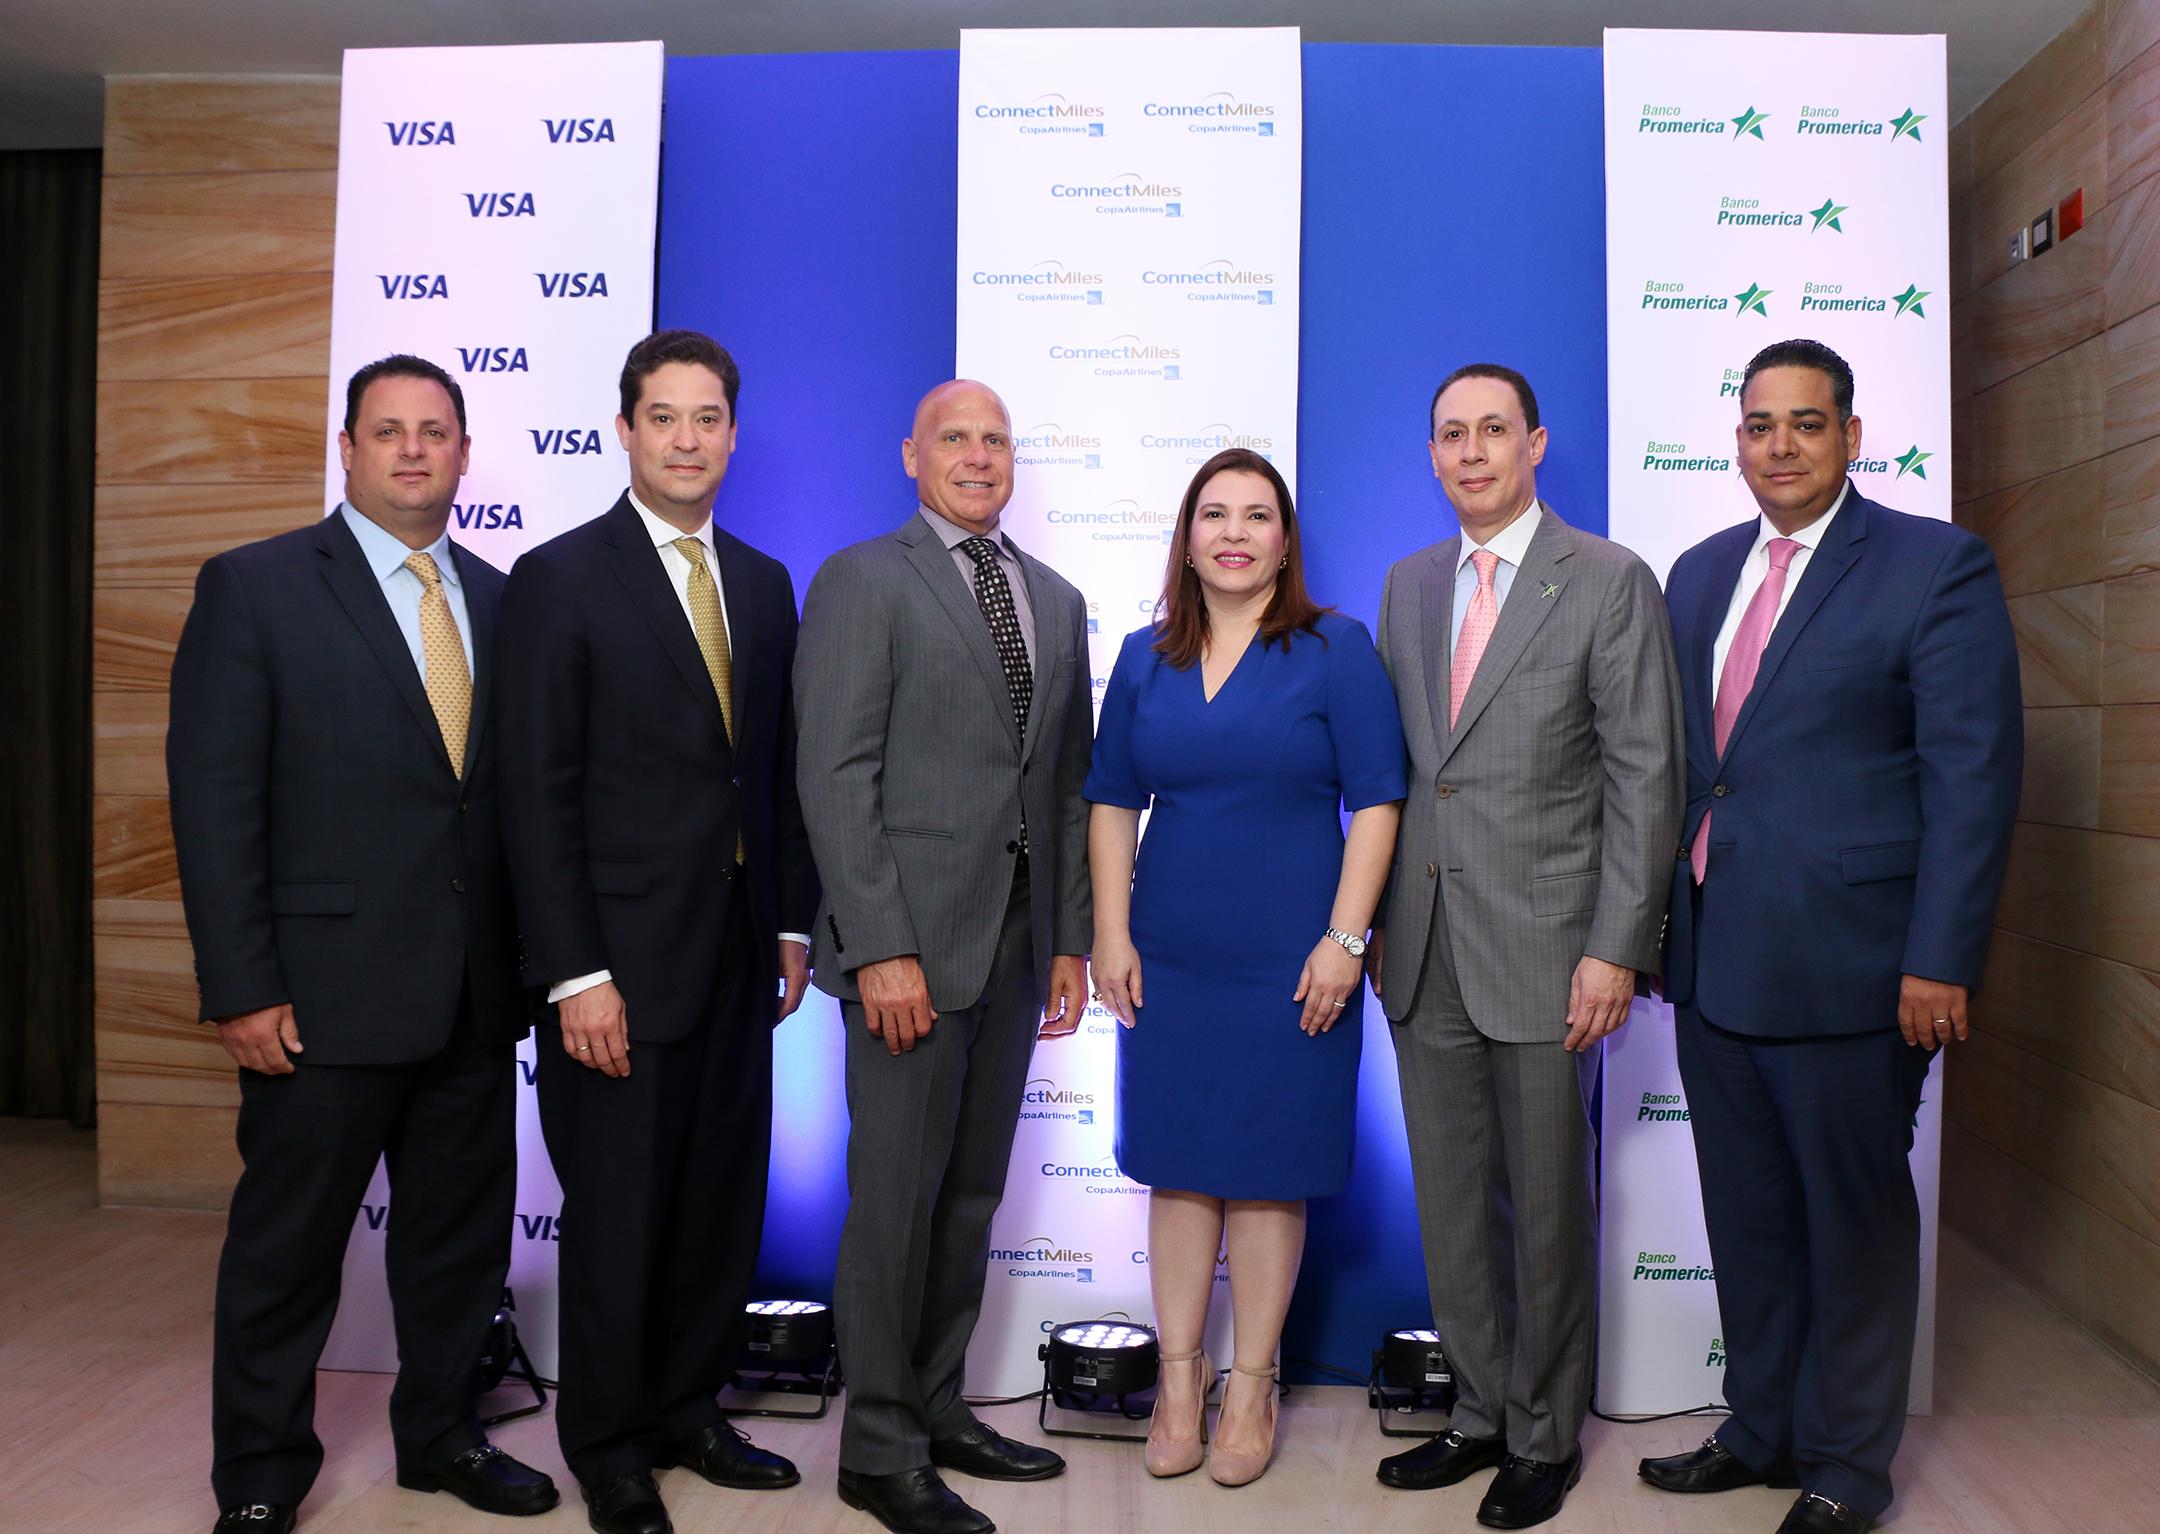 Elige tu próximo destino: Banco Promerica, Copa Airlines y Visa lanzan tarjeta de crédito